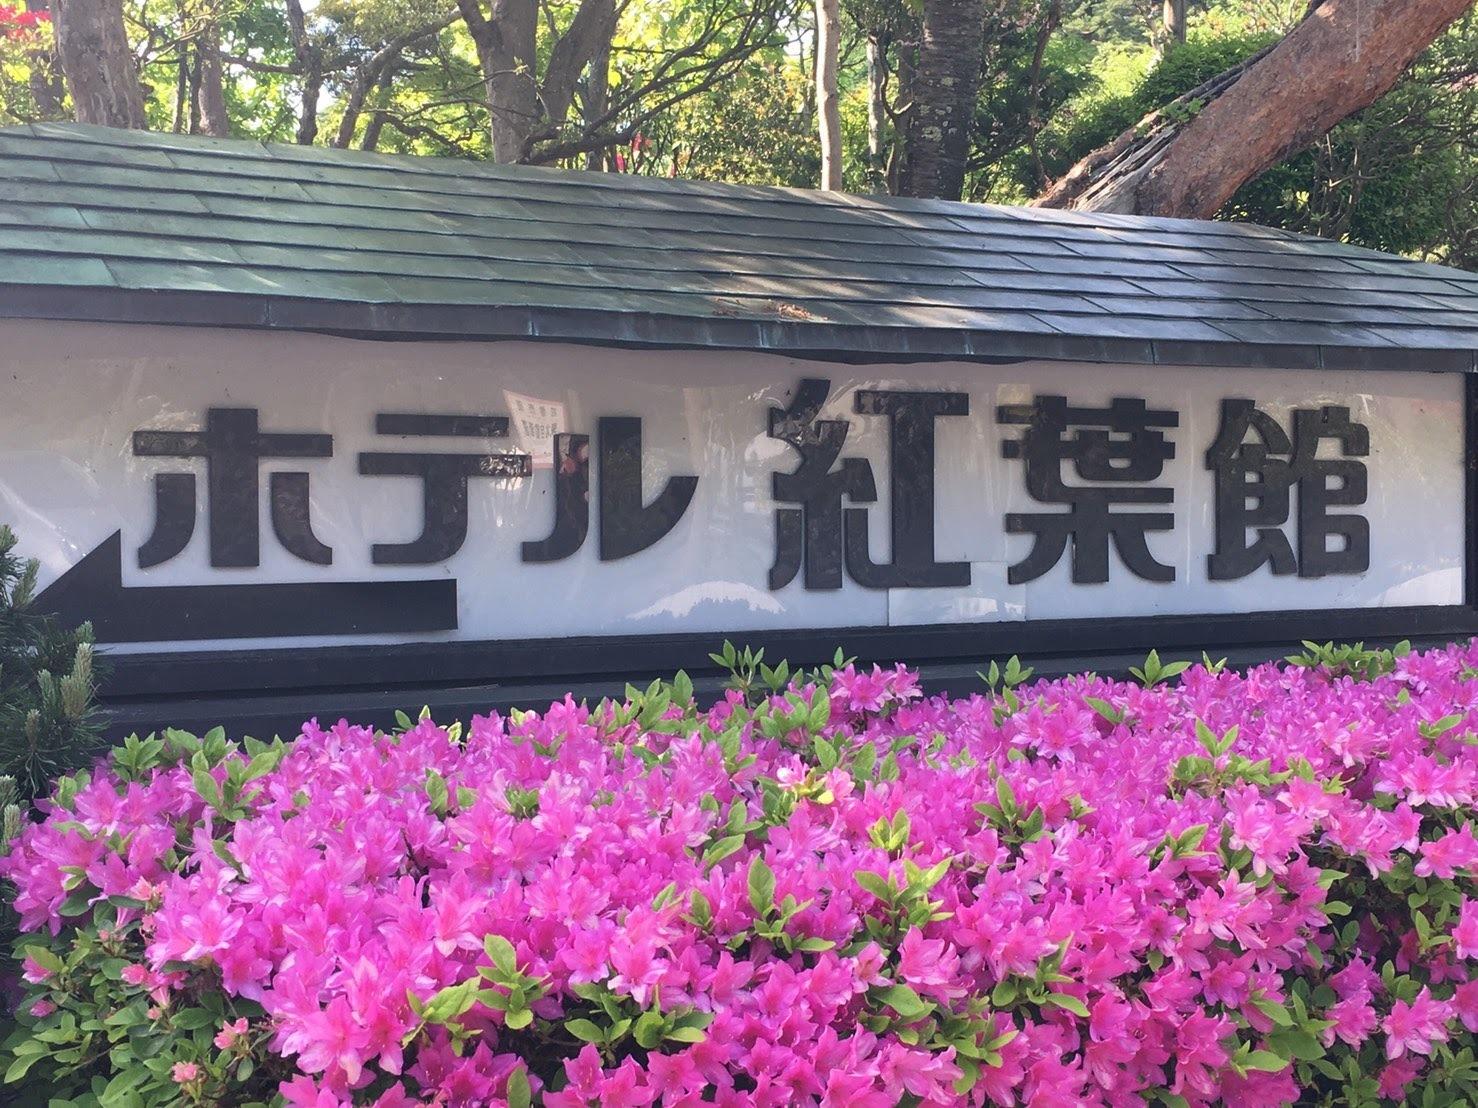 20170520_ホテル紅葉館前のツツジ.jpg